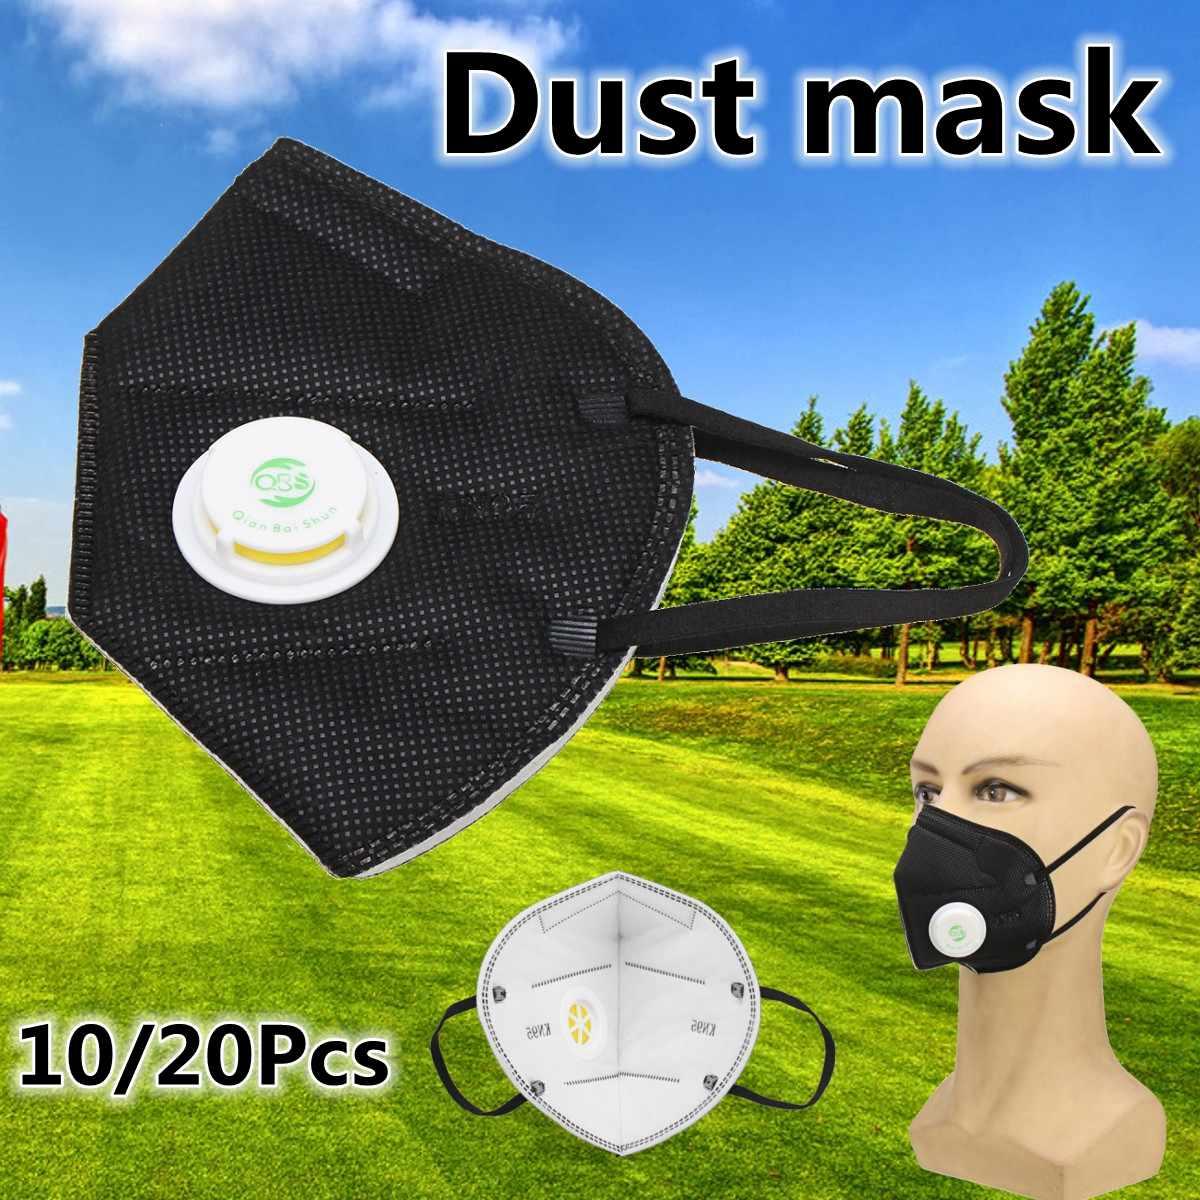 PM2.5 Polvere Viso Maschera Nebbia Respiratore Particolato Maschera Maschera di Respirazione Maschera di Inquinamento Filtro Allergia MascheraPM2.5 Polvere Viso Maschera Nebbia Respiratore Particolato Maschera Maschera di Respirazione Maschera di Inquinamento Filtro Allergia Maschera